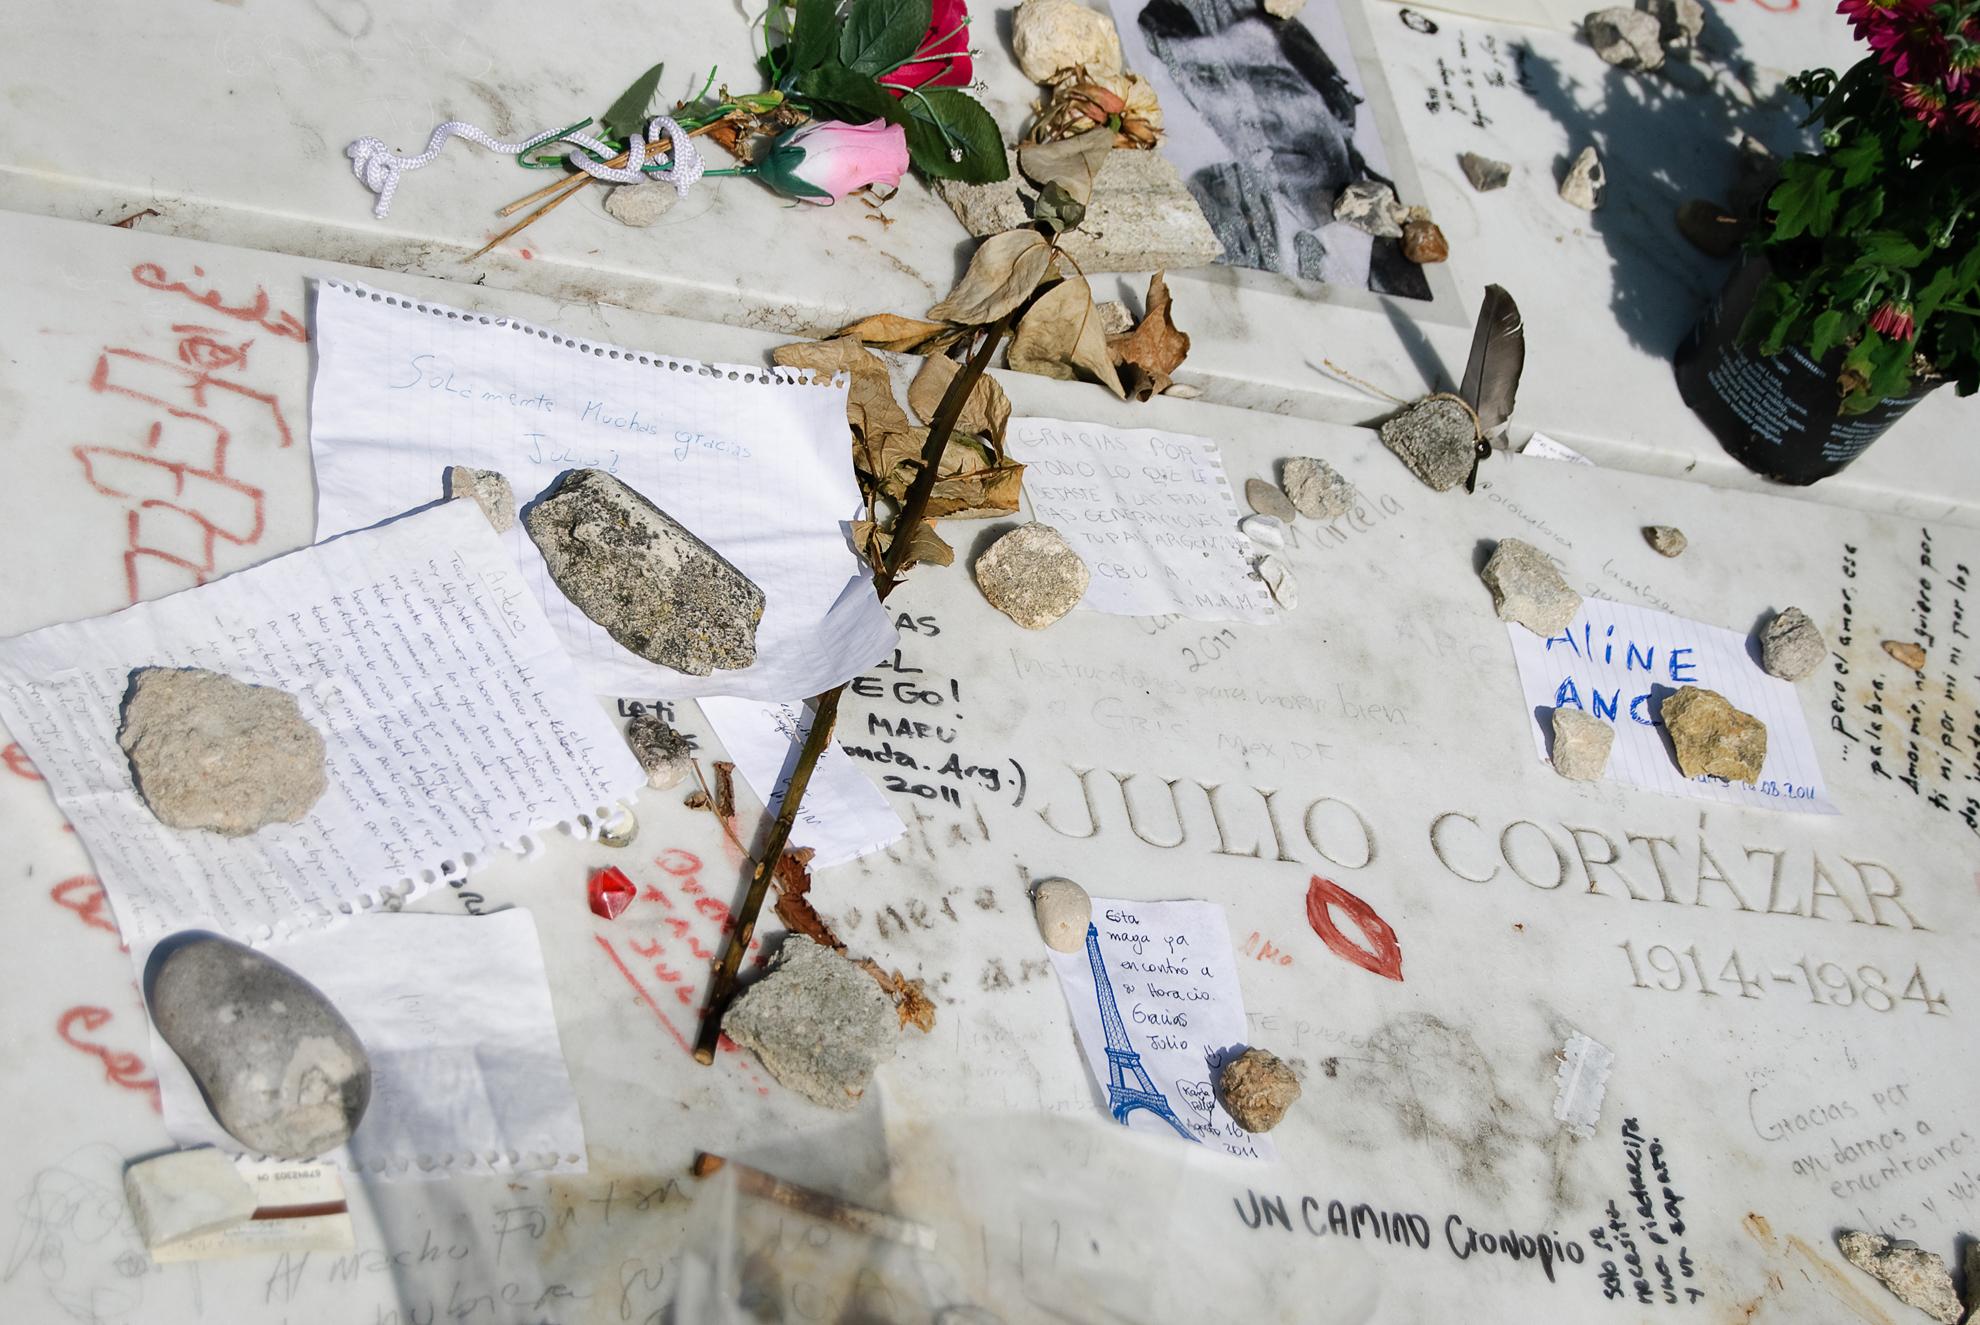 Grób Julio Cortazara na cmentarzu Montparnasse